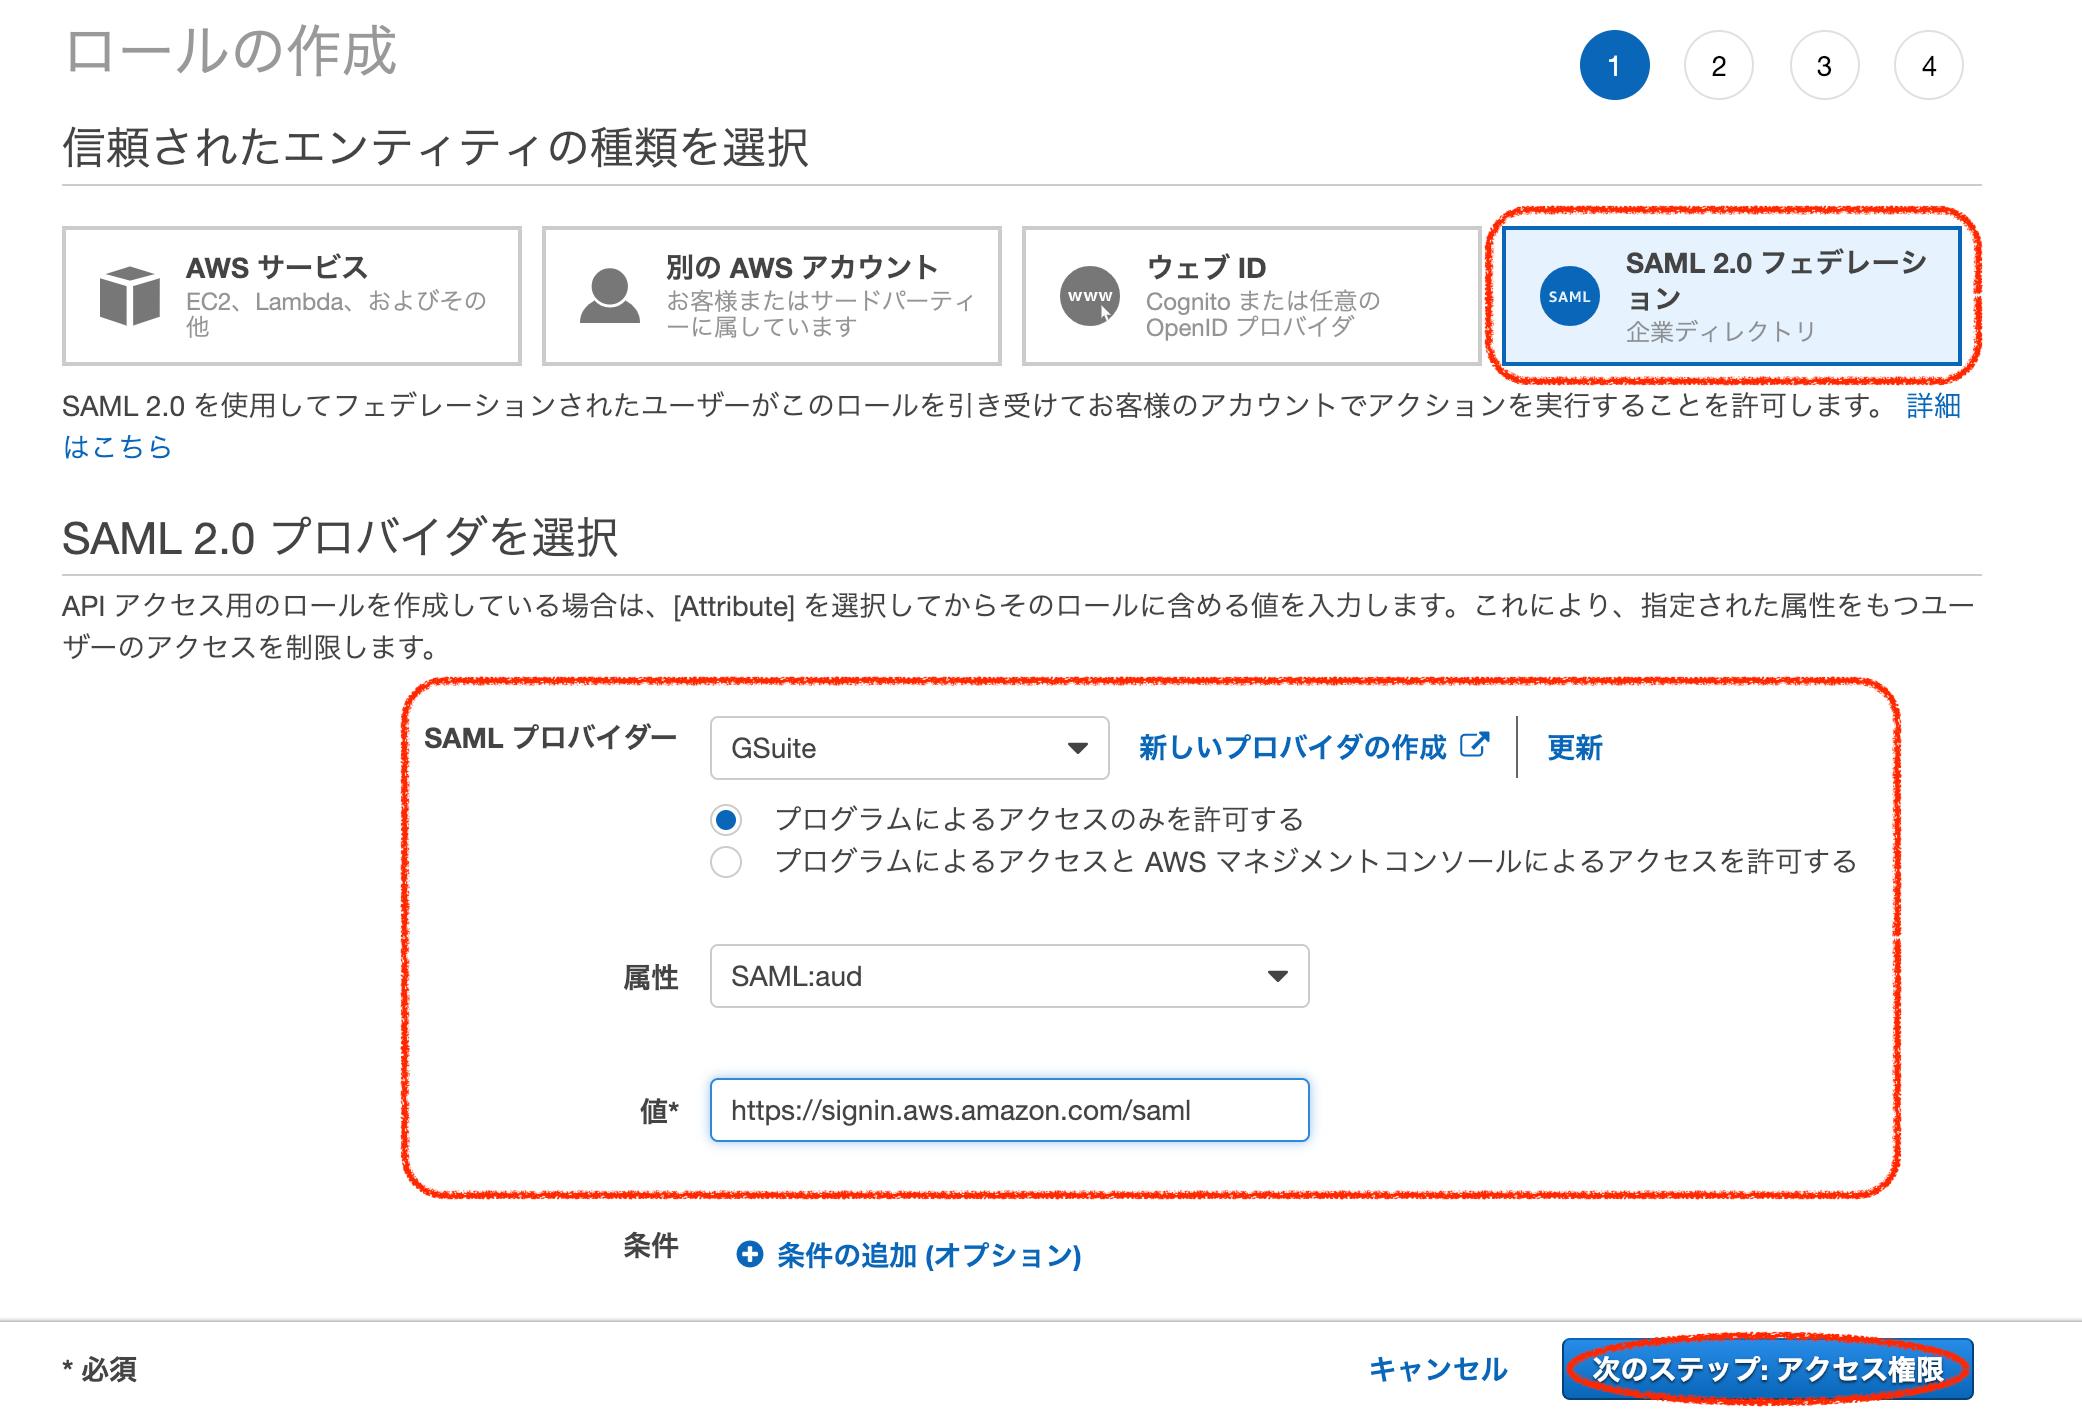 G Suite のアカウントを利用したAWS管理コンソールへのSSO